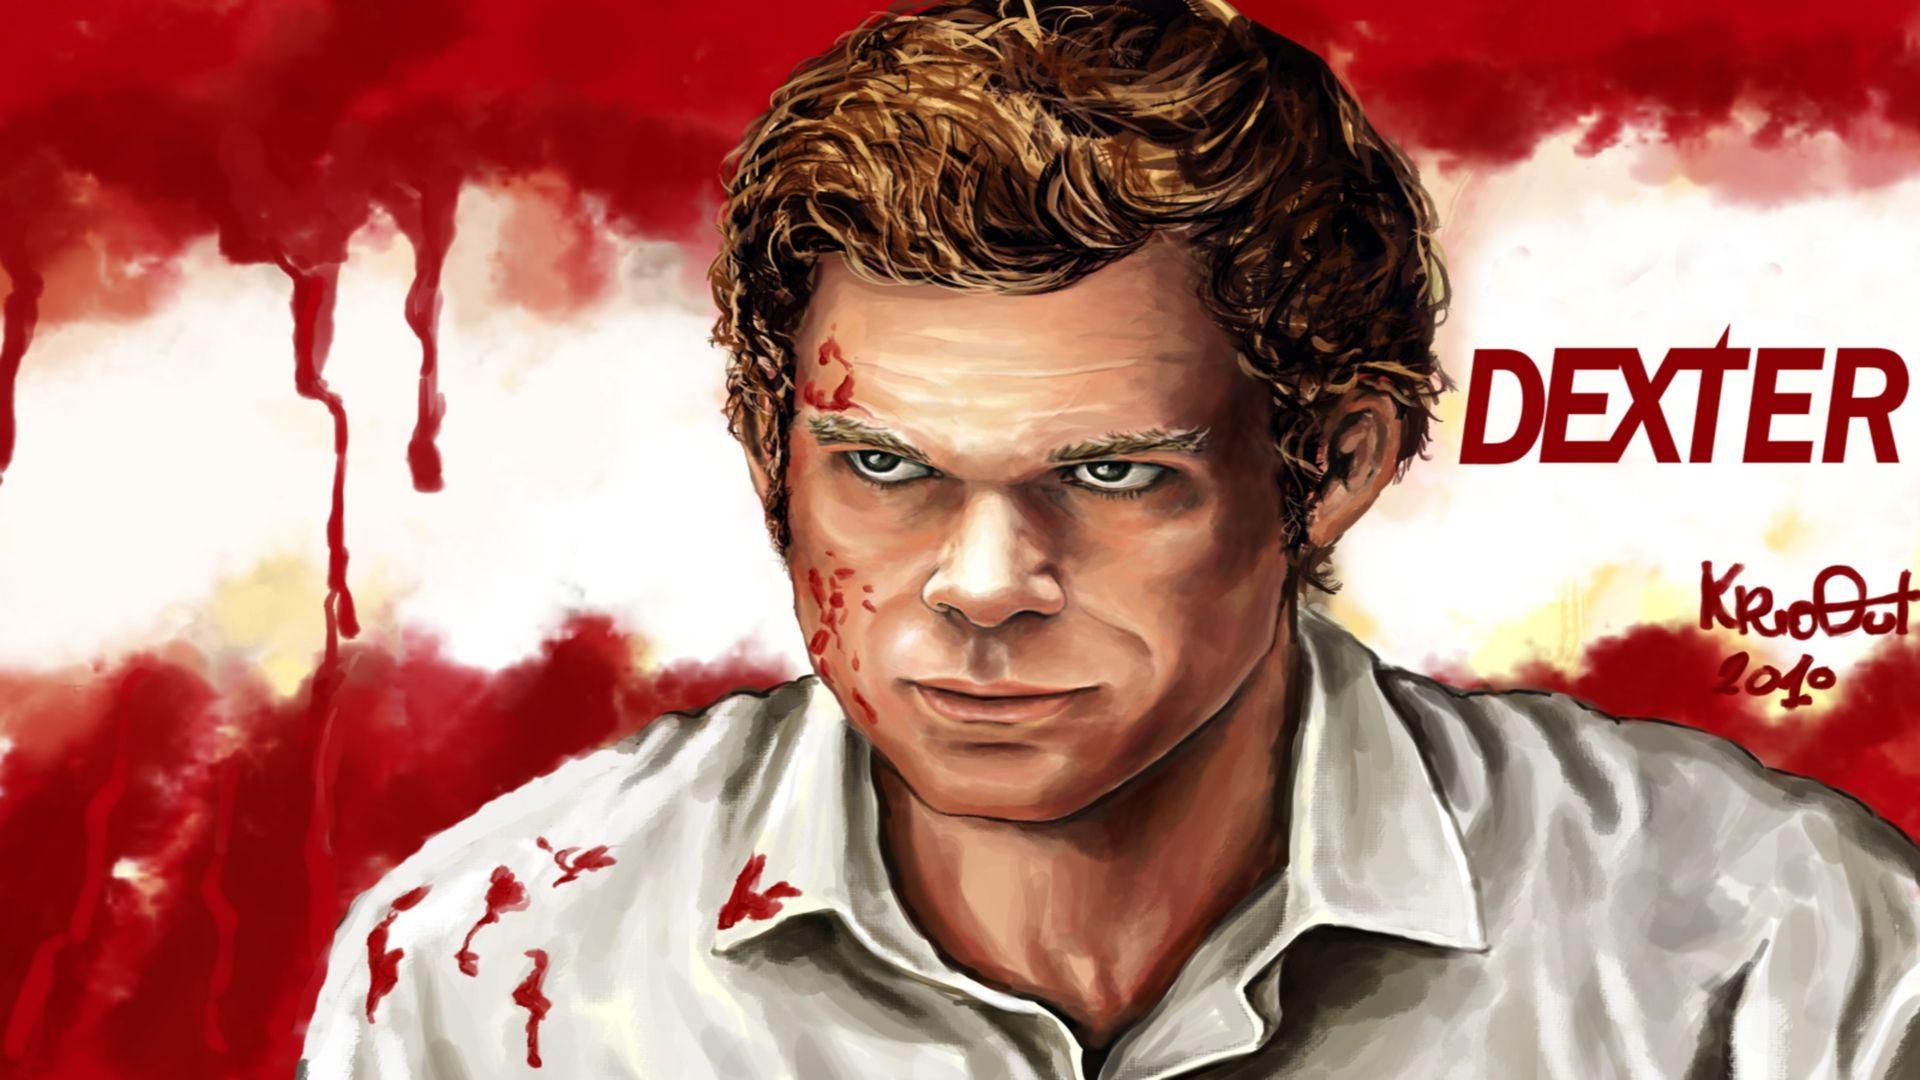 Dexter Wallpapers Gallery Of Dexter Backgrounds Wallpapers